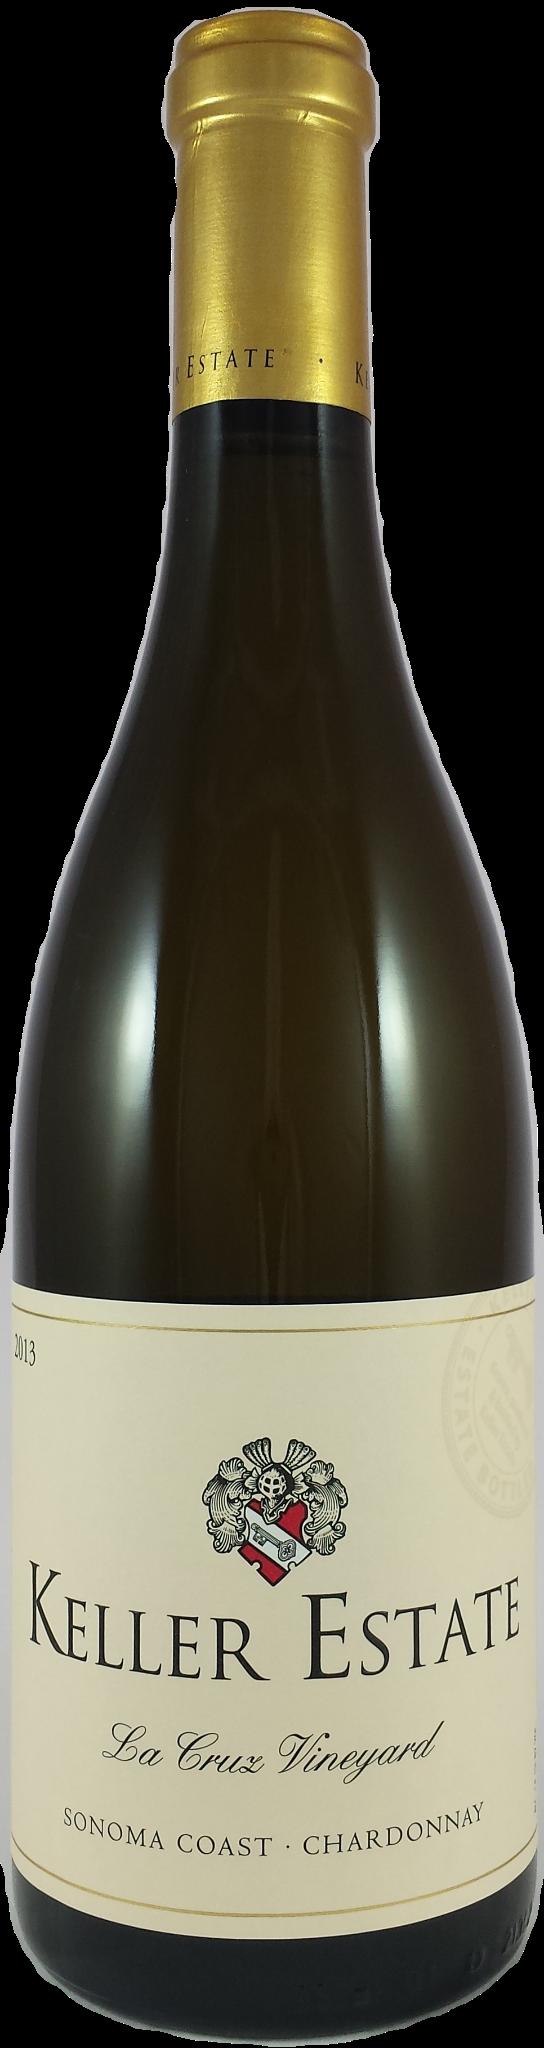 keller-2013-chardonnay-bottle1-2-1-1